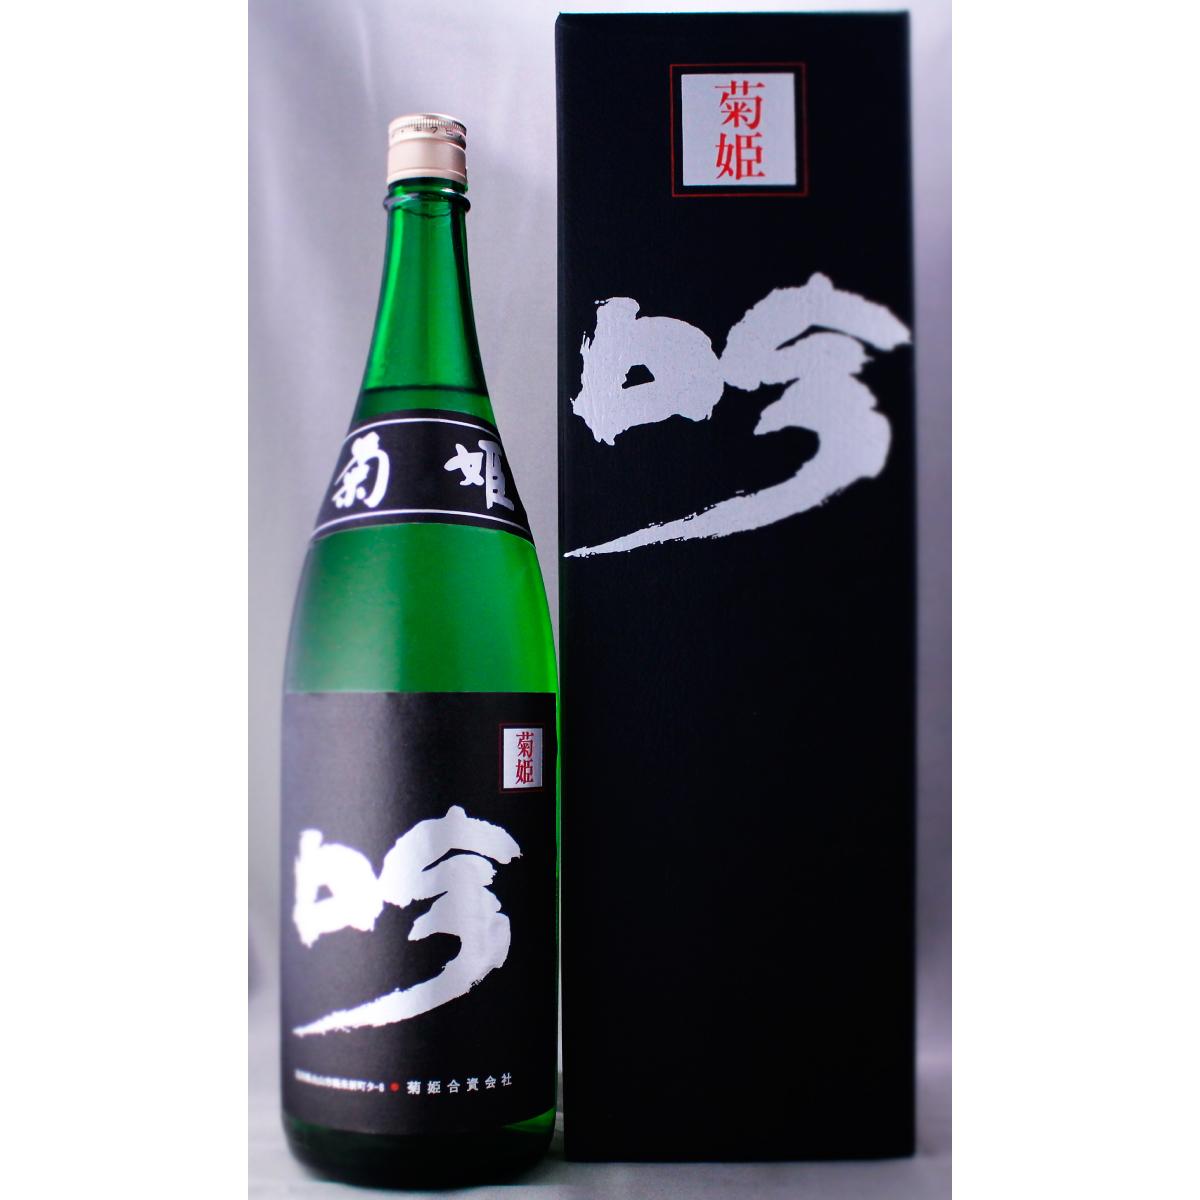 菊姫 大吟醸 黒吟 1800ml【菊姫合資会社】【石川県】